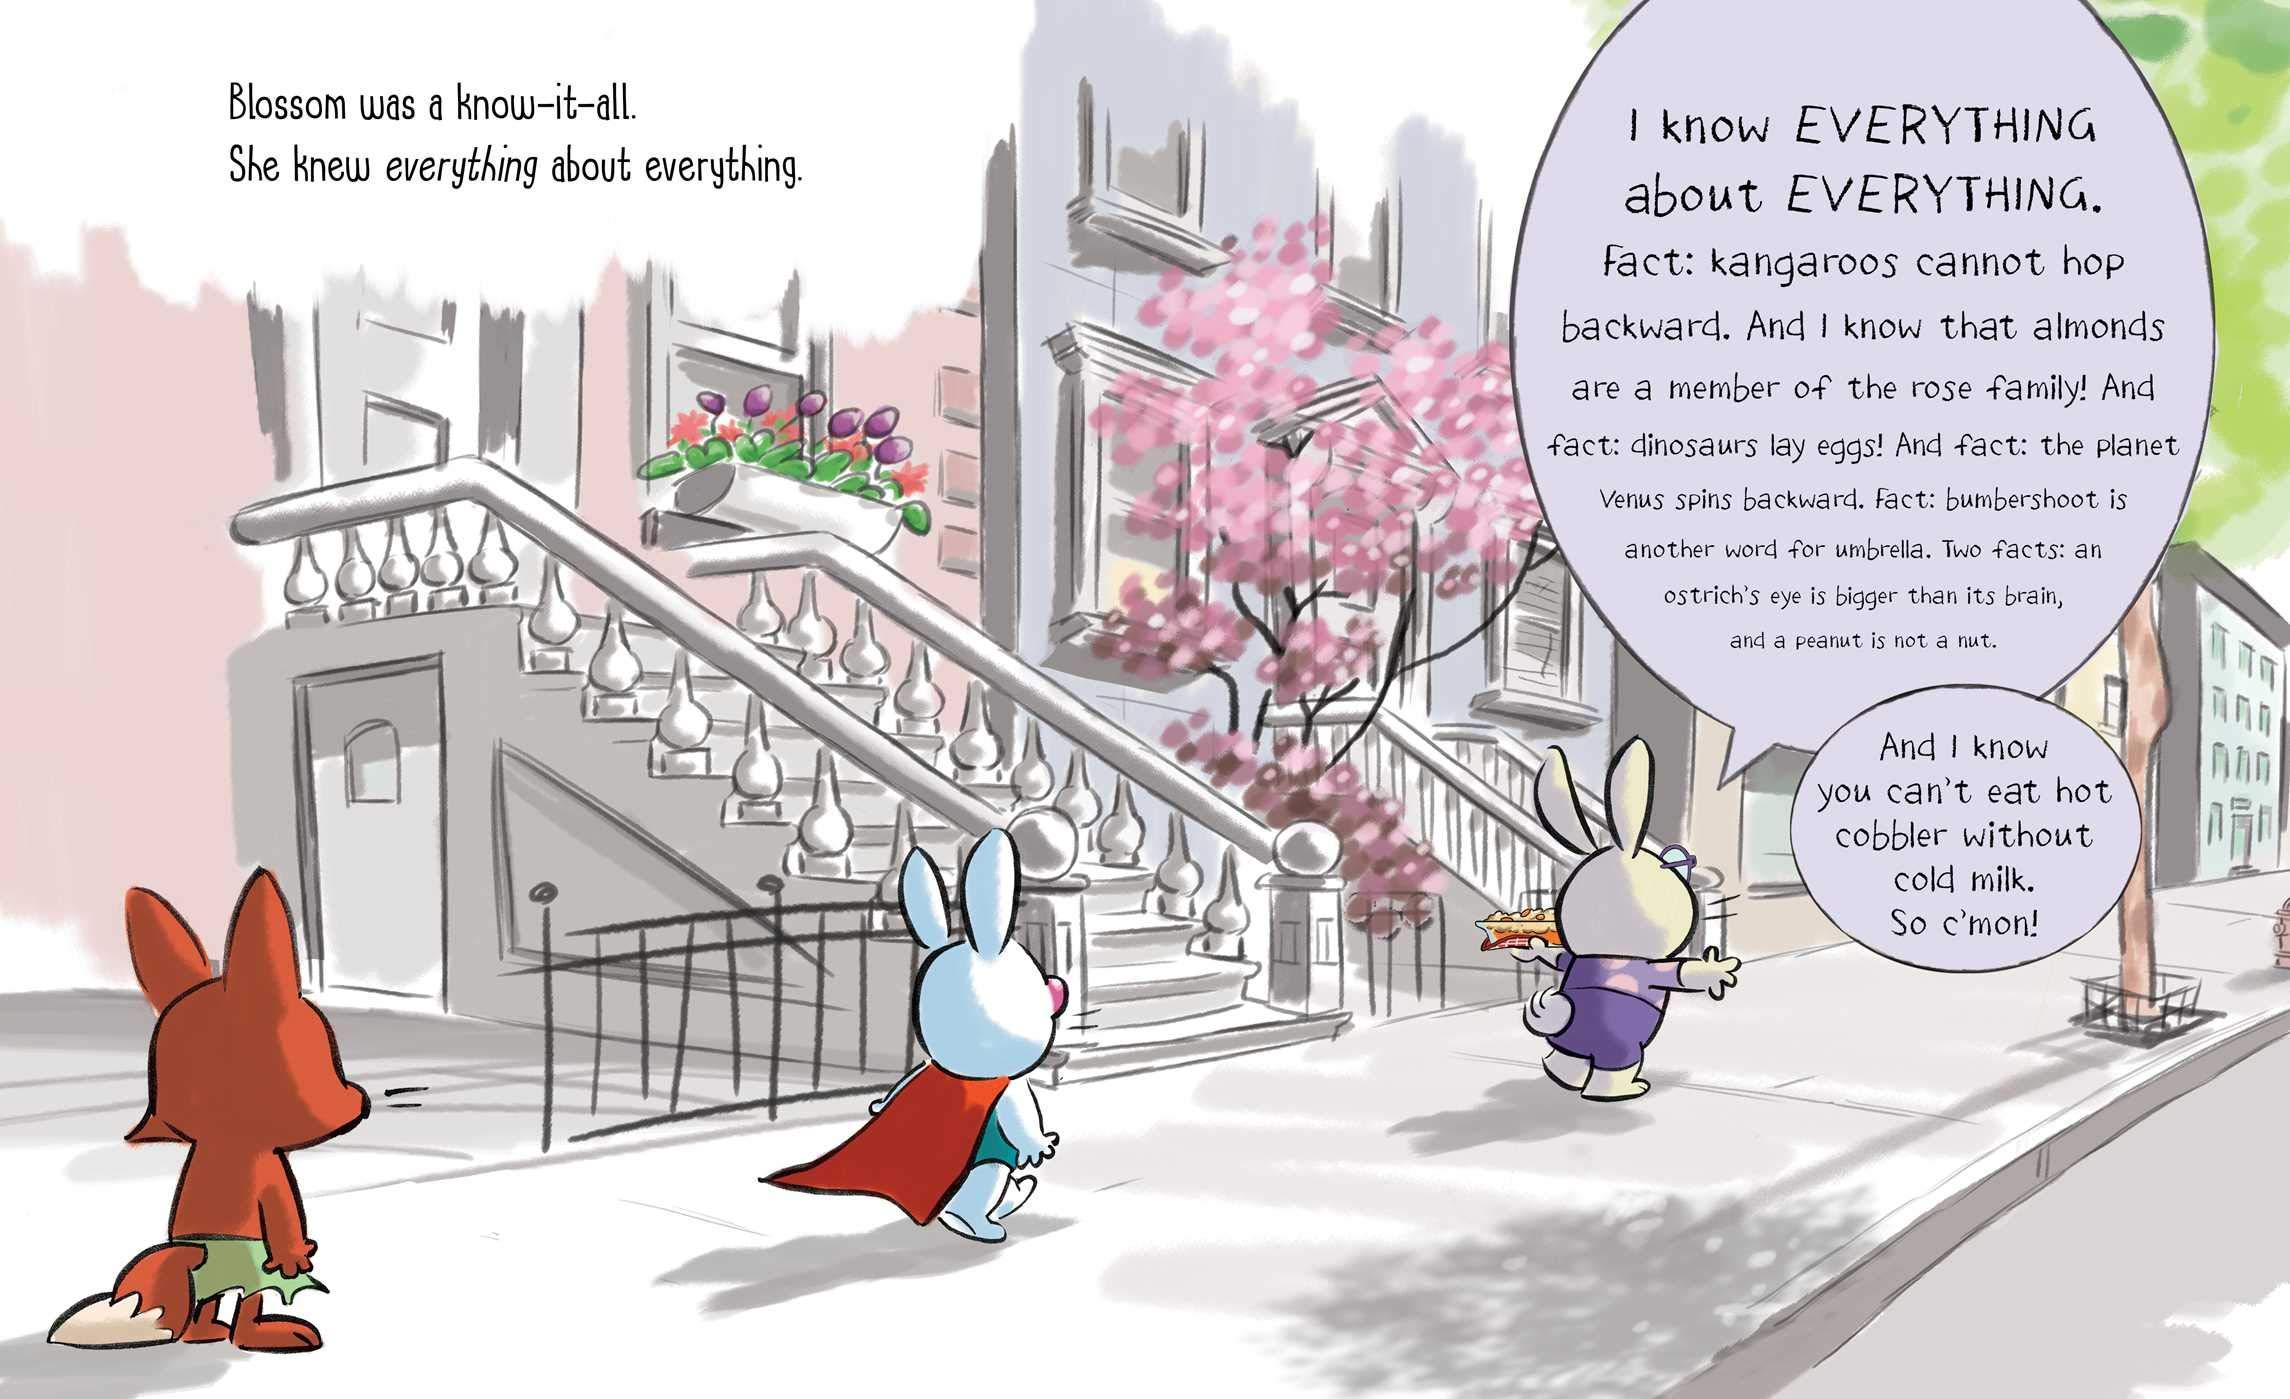 celebrate-picture-books-picture-book-review-superbuns-blossom